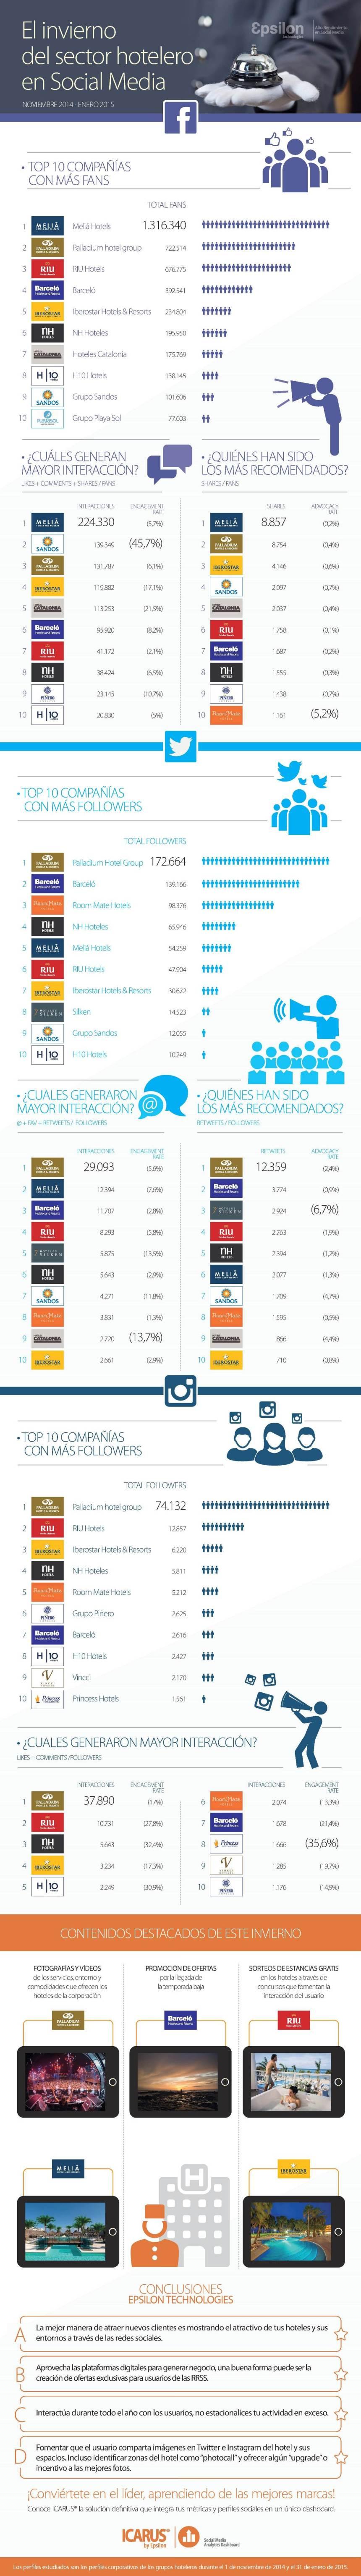 El sector hotelero en Redes Sociales